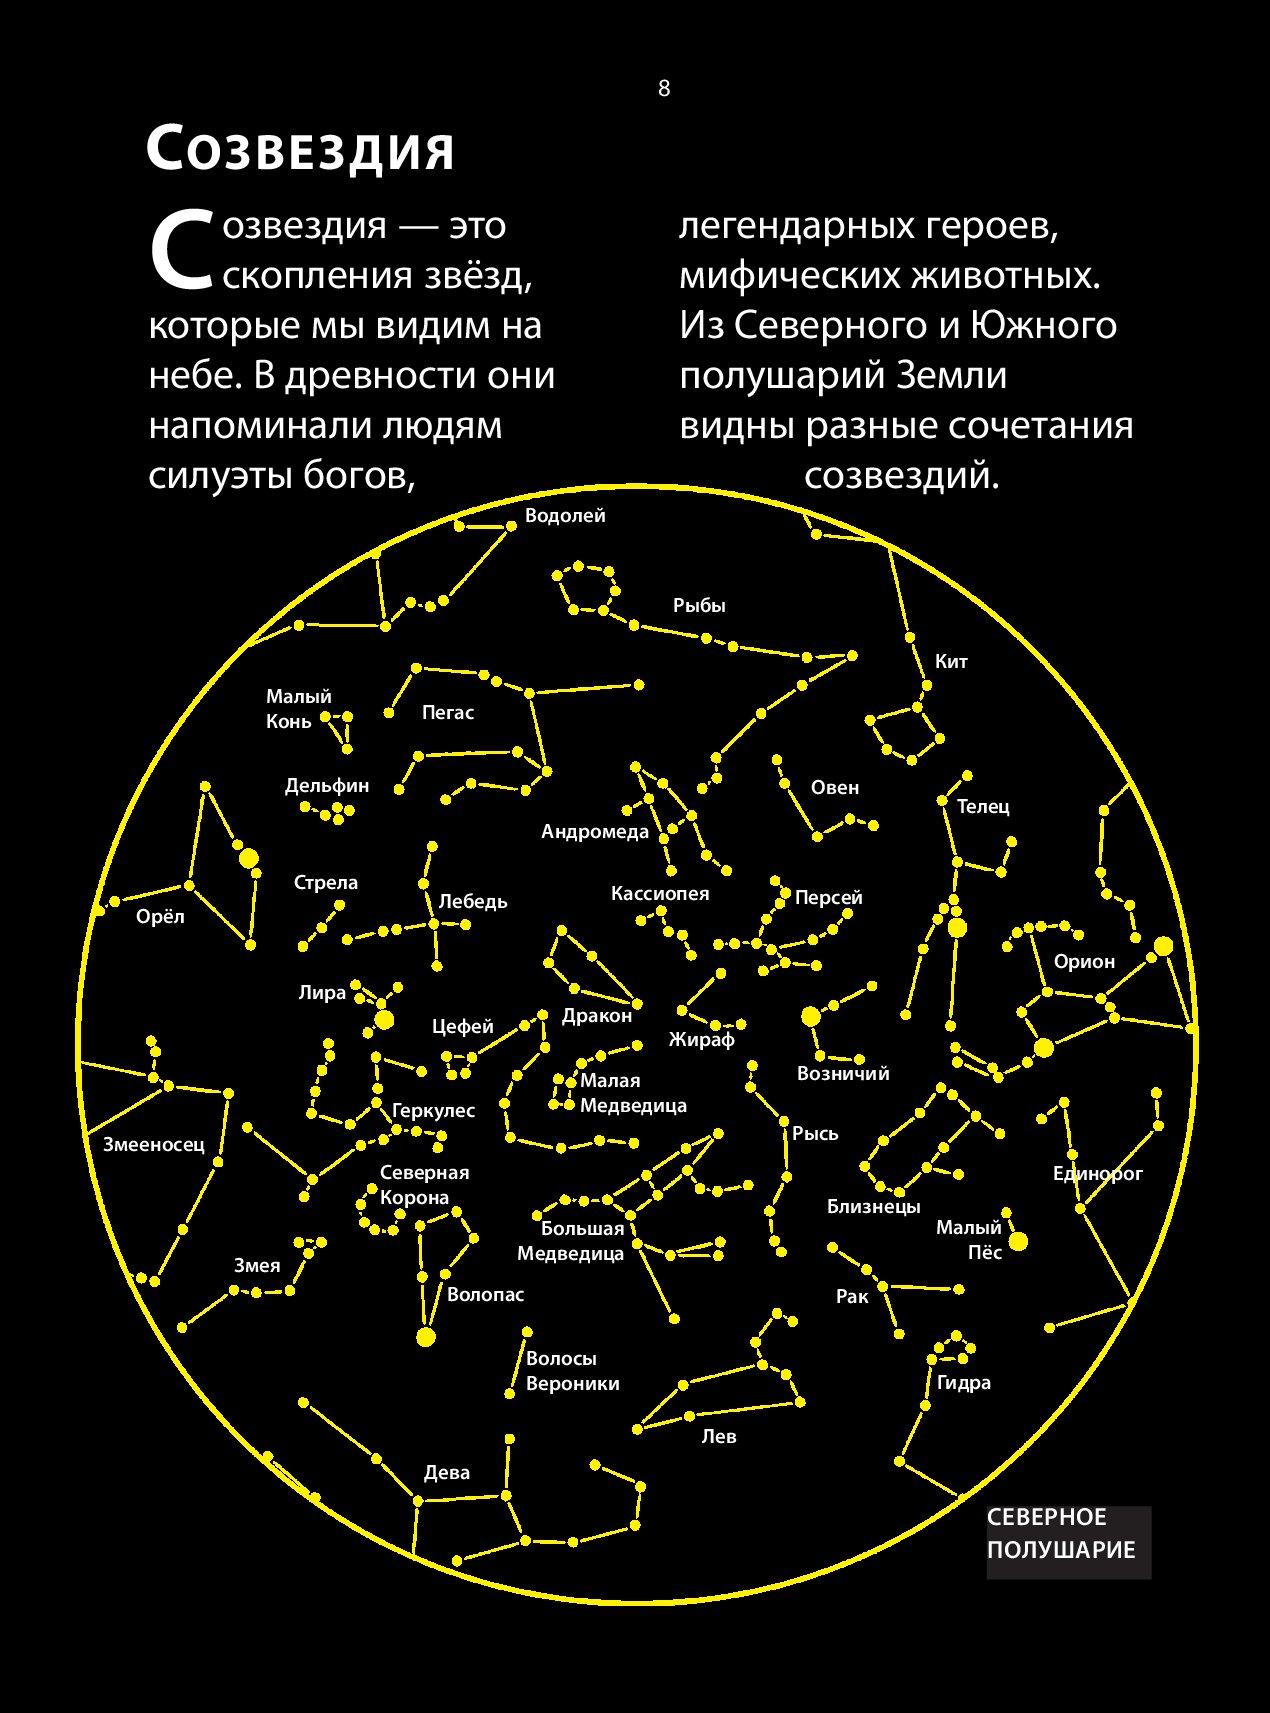 Фото созвездий северного полушария и их названия